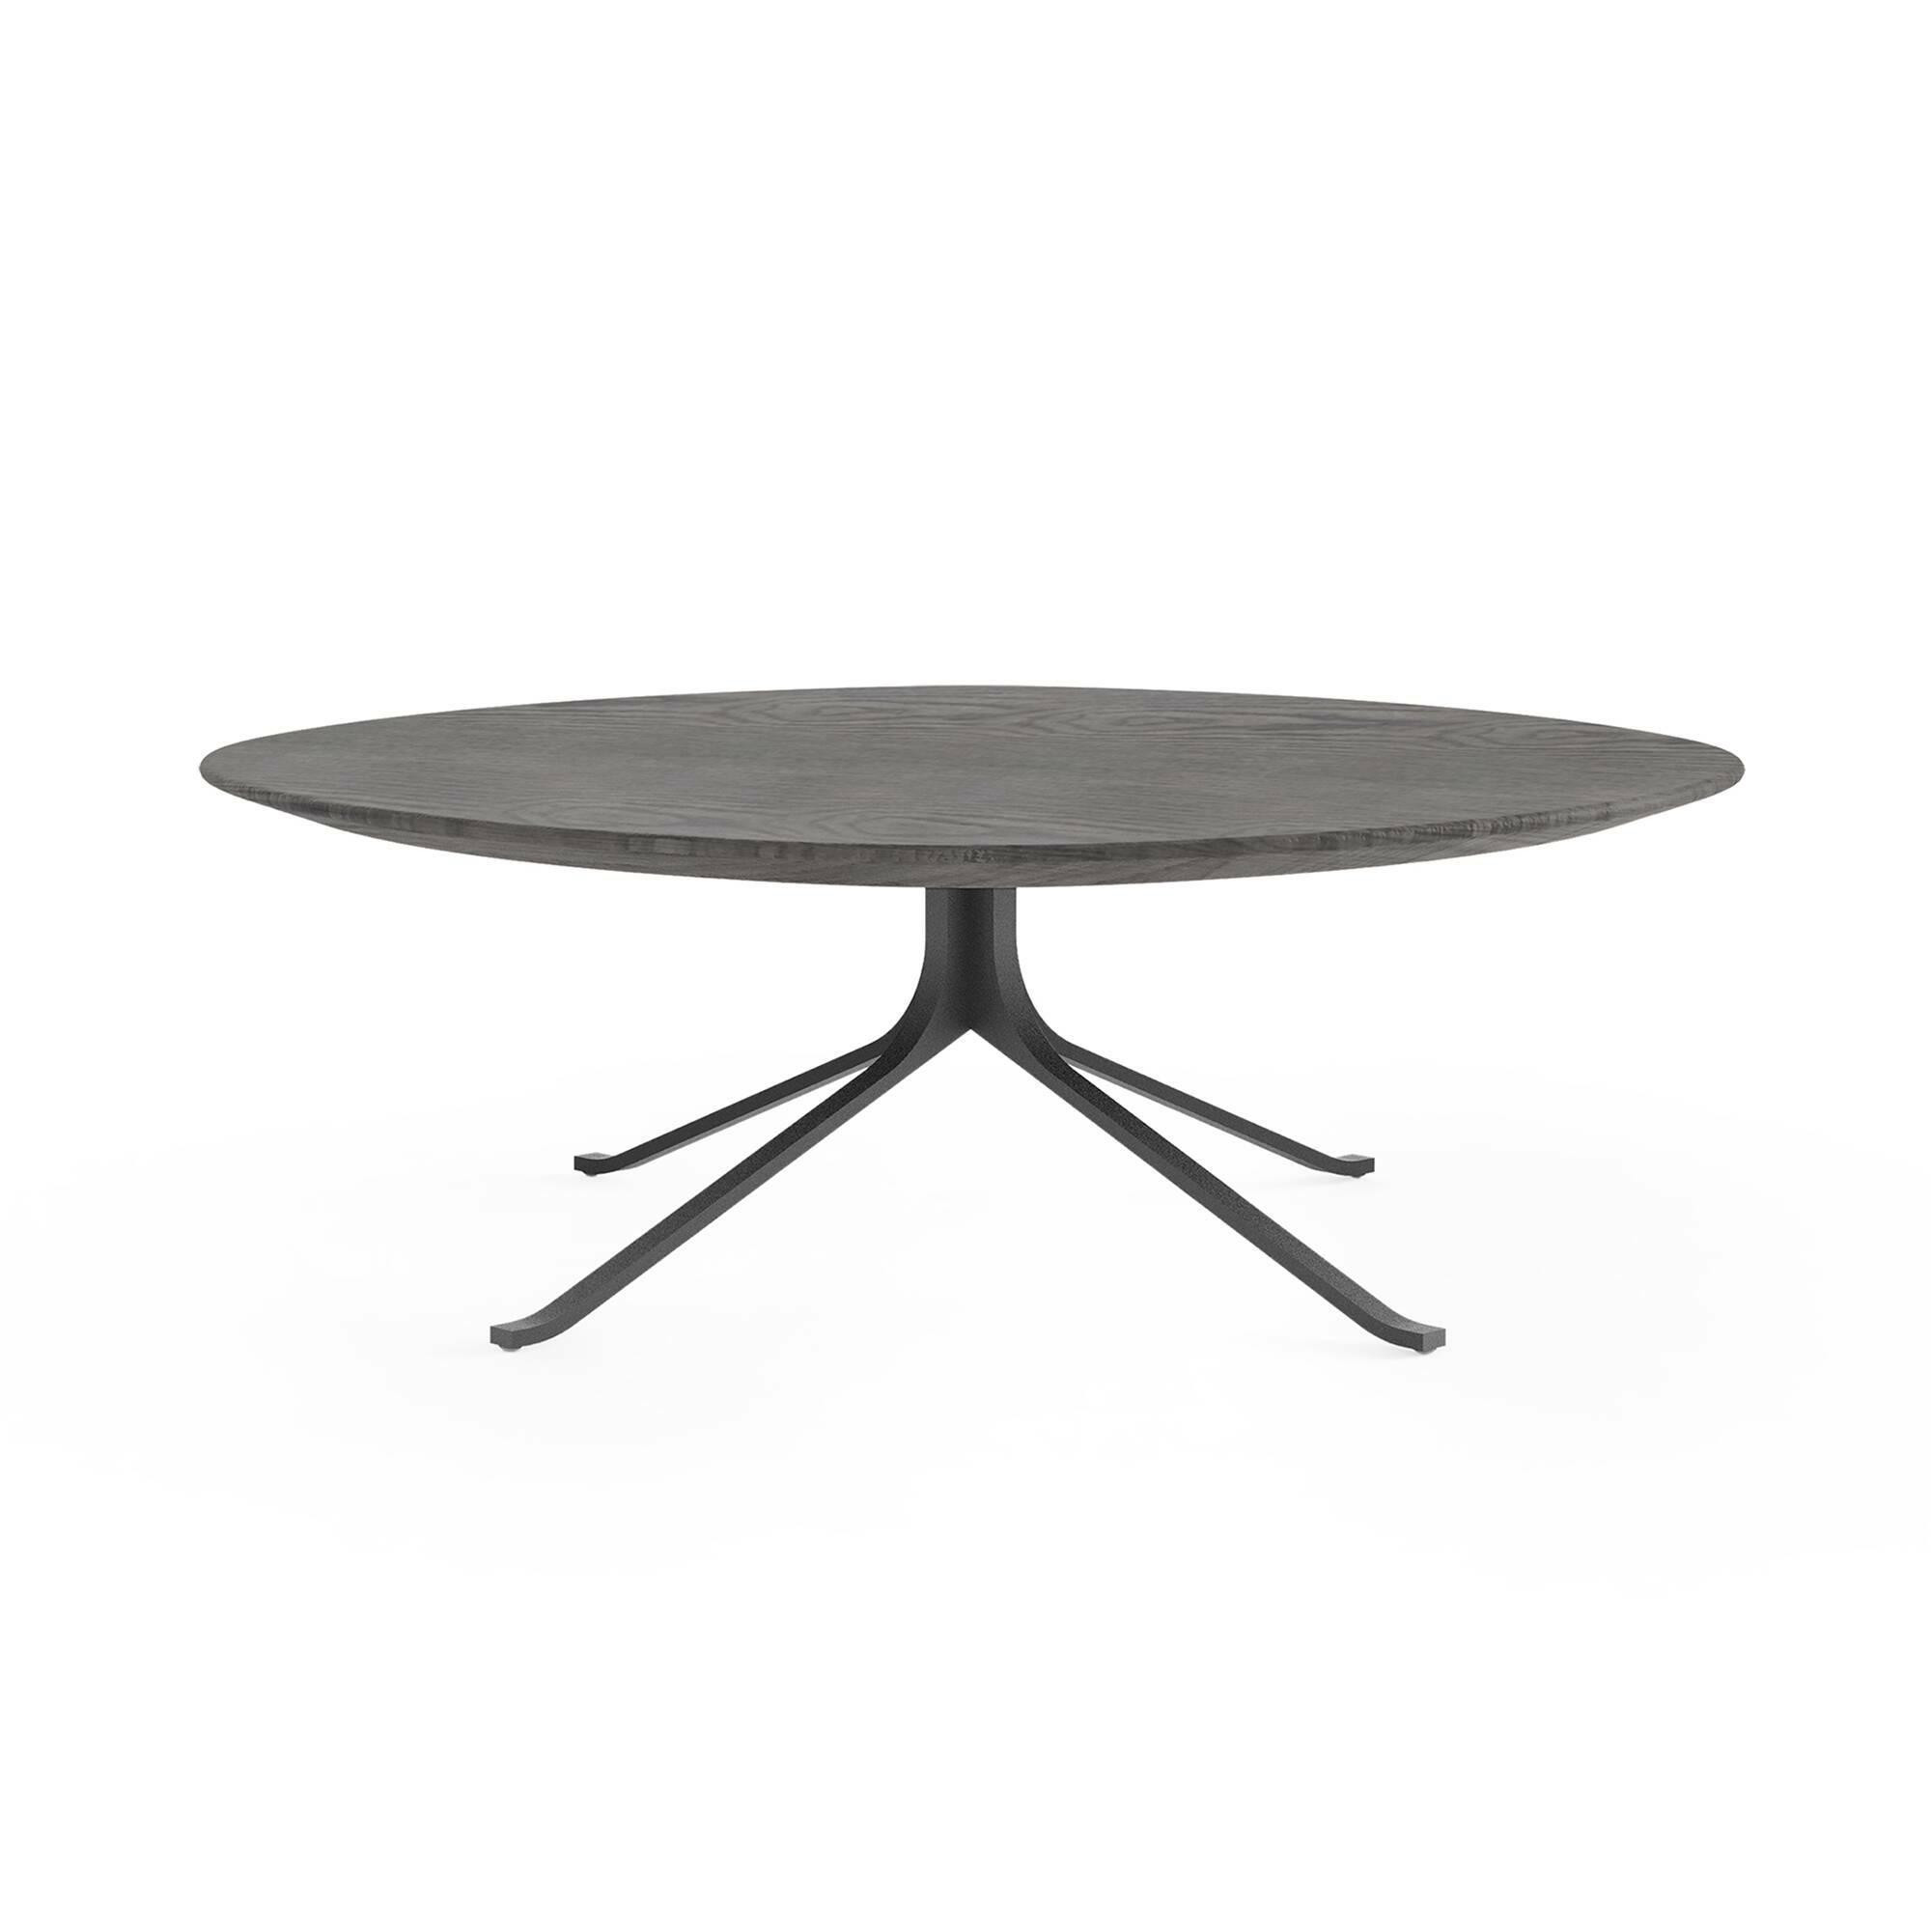 Кофейный стол Blink с деревянной столешницей диаметр 108Кофейные столики<br>Кофейный стол Blink с деревянной столешницей диаметр 108 – это изделие из одноименной линейки домашней мебели Blink от компании Stellar Works. Изделия этого бренда – это произведения искусства, сочетающие в себе утонченность Востока и функциональность Запада. Кофейный стол Blink обладает красивейшим дизайном, что достигается не только его формой и деталями, но и благодаря материалам, которые опытные мастера отбирают для его изготовления.<br><br><br> Бренд Stellar Works следит за качеством своей...<br><br>stock: 0<br>Высота: 38<br>Диаметр: 108<br>Цвет ножек: Черный<br>Цвет столешницы: Черный<br>Материал ножек: Сталь<br>Материал столешницы: Шпон ясеня<br>Тип материала столешницы: Дерево